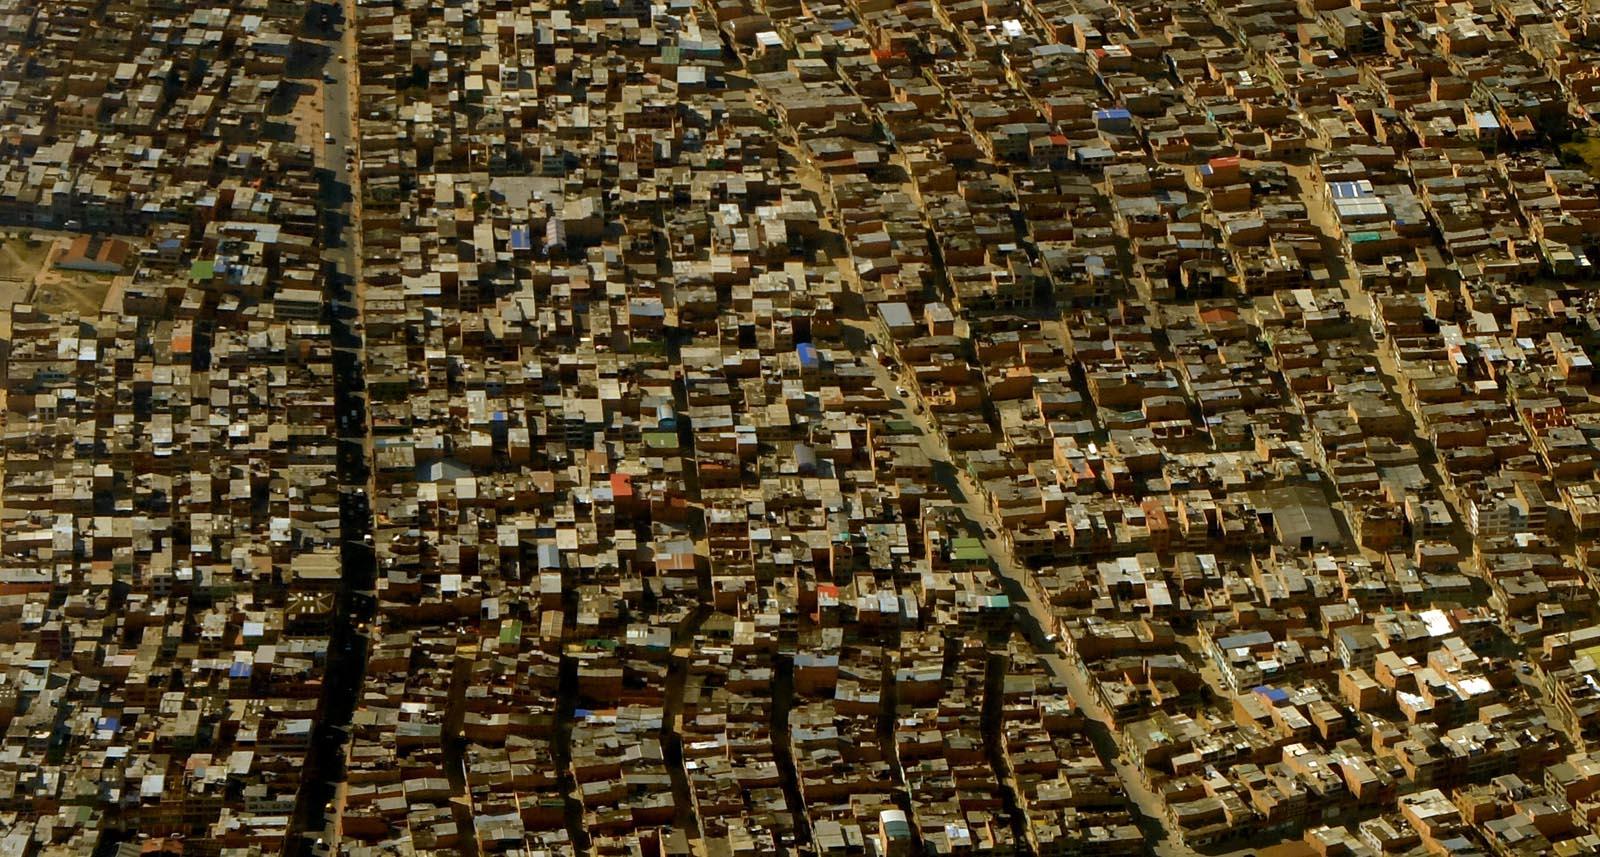 La última escala antes de llegar a Medellín es Bogotá. Desde el aire, el color ladrillo se impone, como en casi todo Latinoamérica.